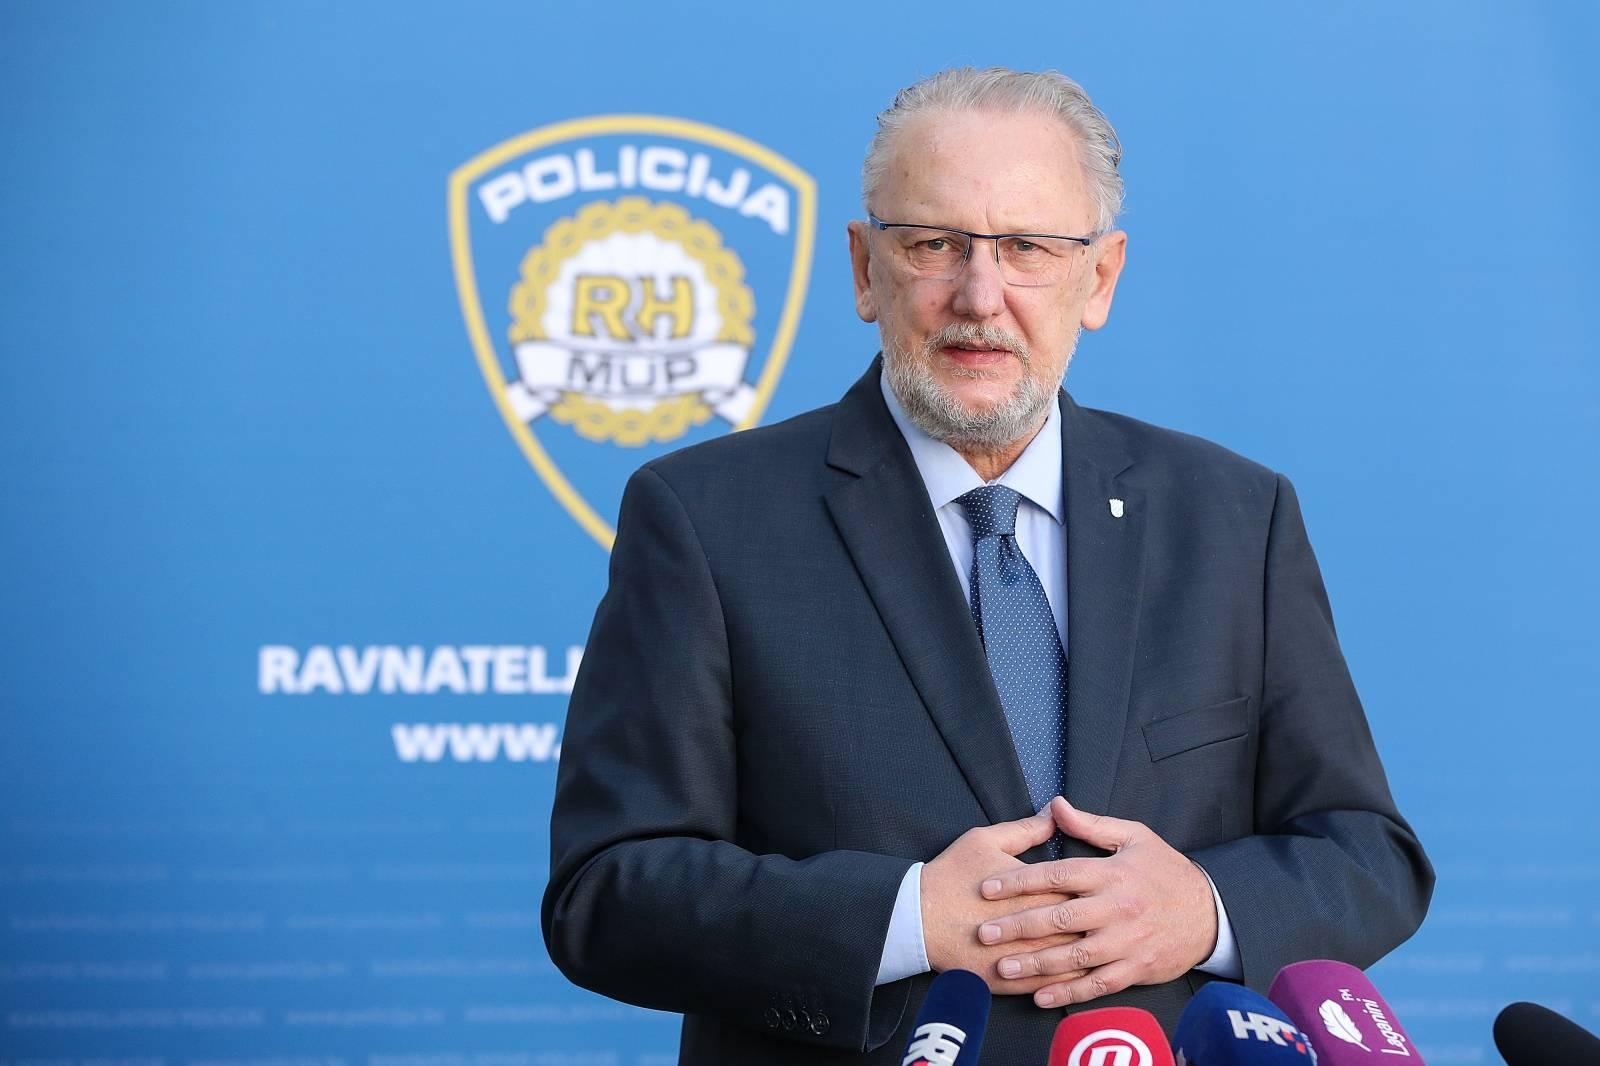 Davor Božinović i Robert Kohorst obišli Centar za forenzična ispitivanja, istraživanja i vještačenja